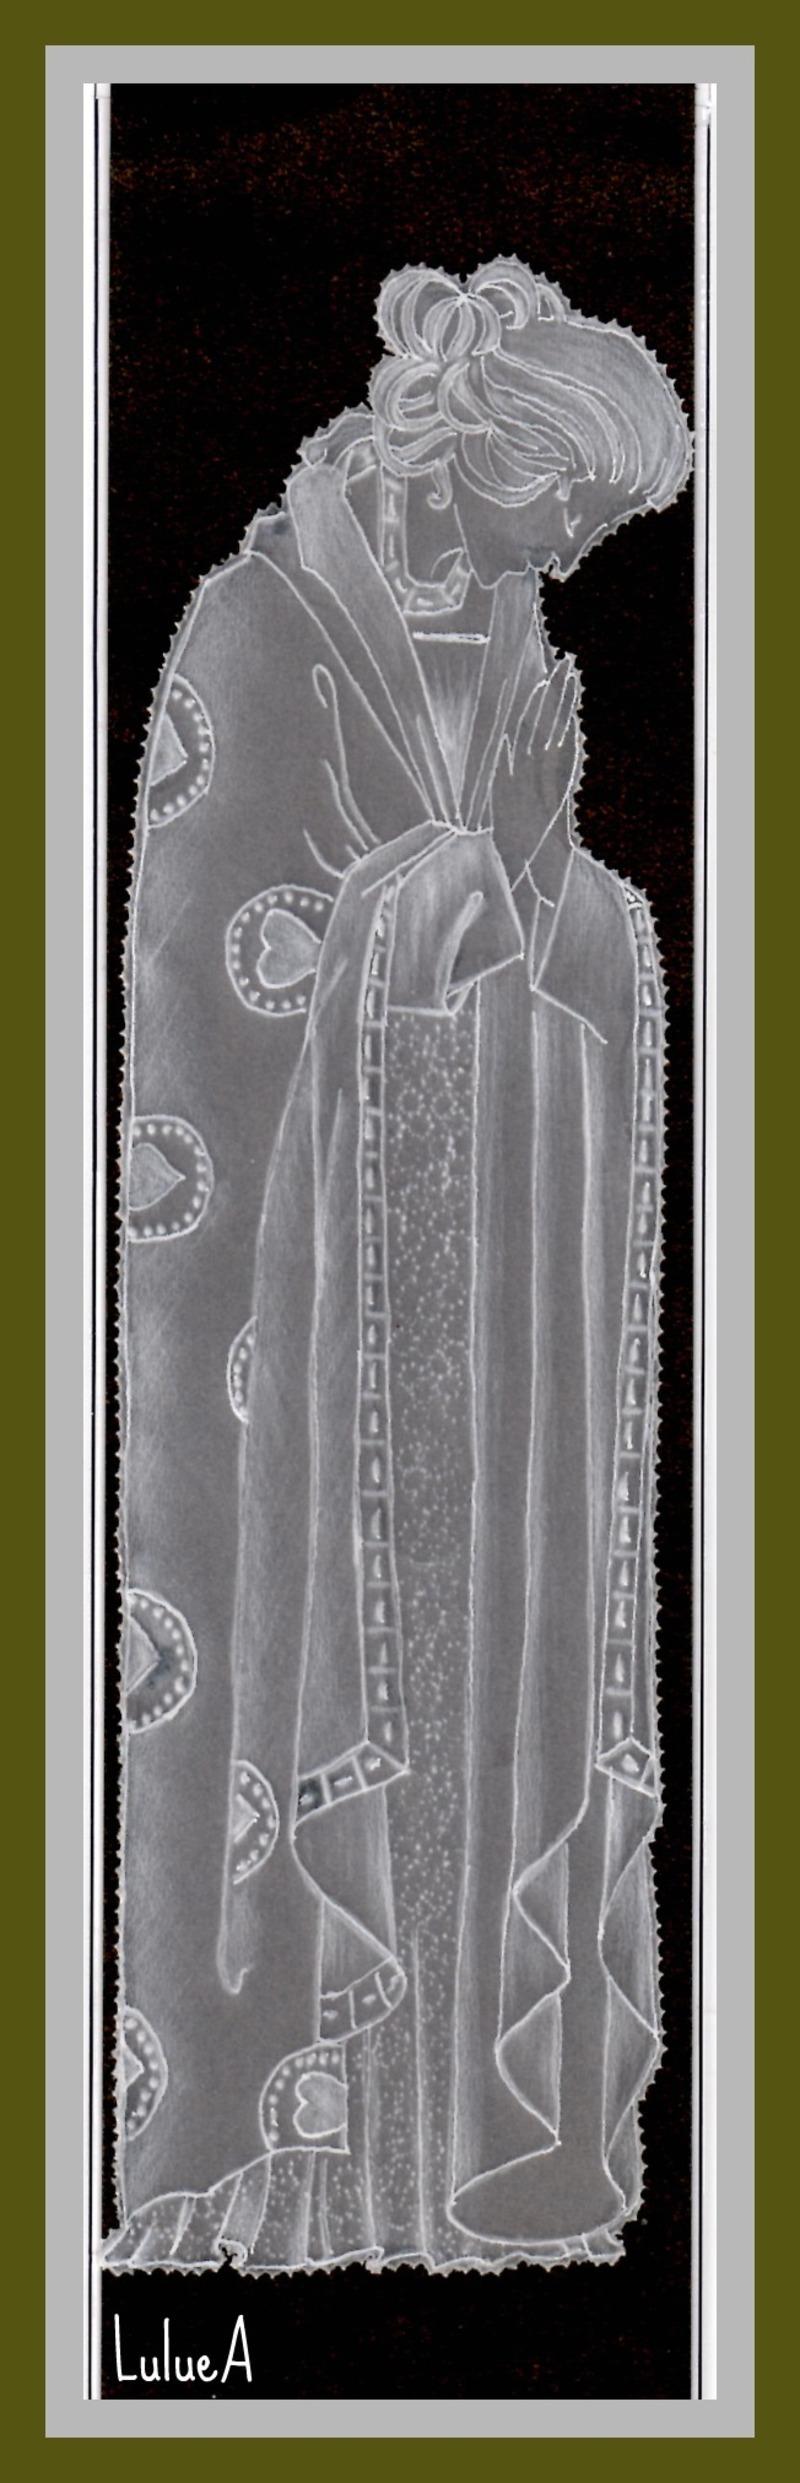 Épinglé par Елена Лев sur Vellum Pergamano Parchment